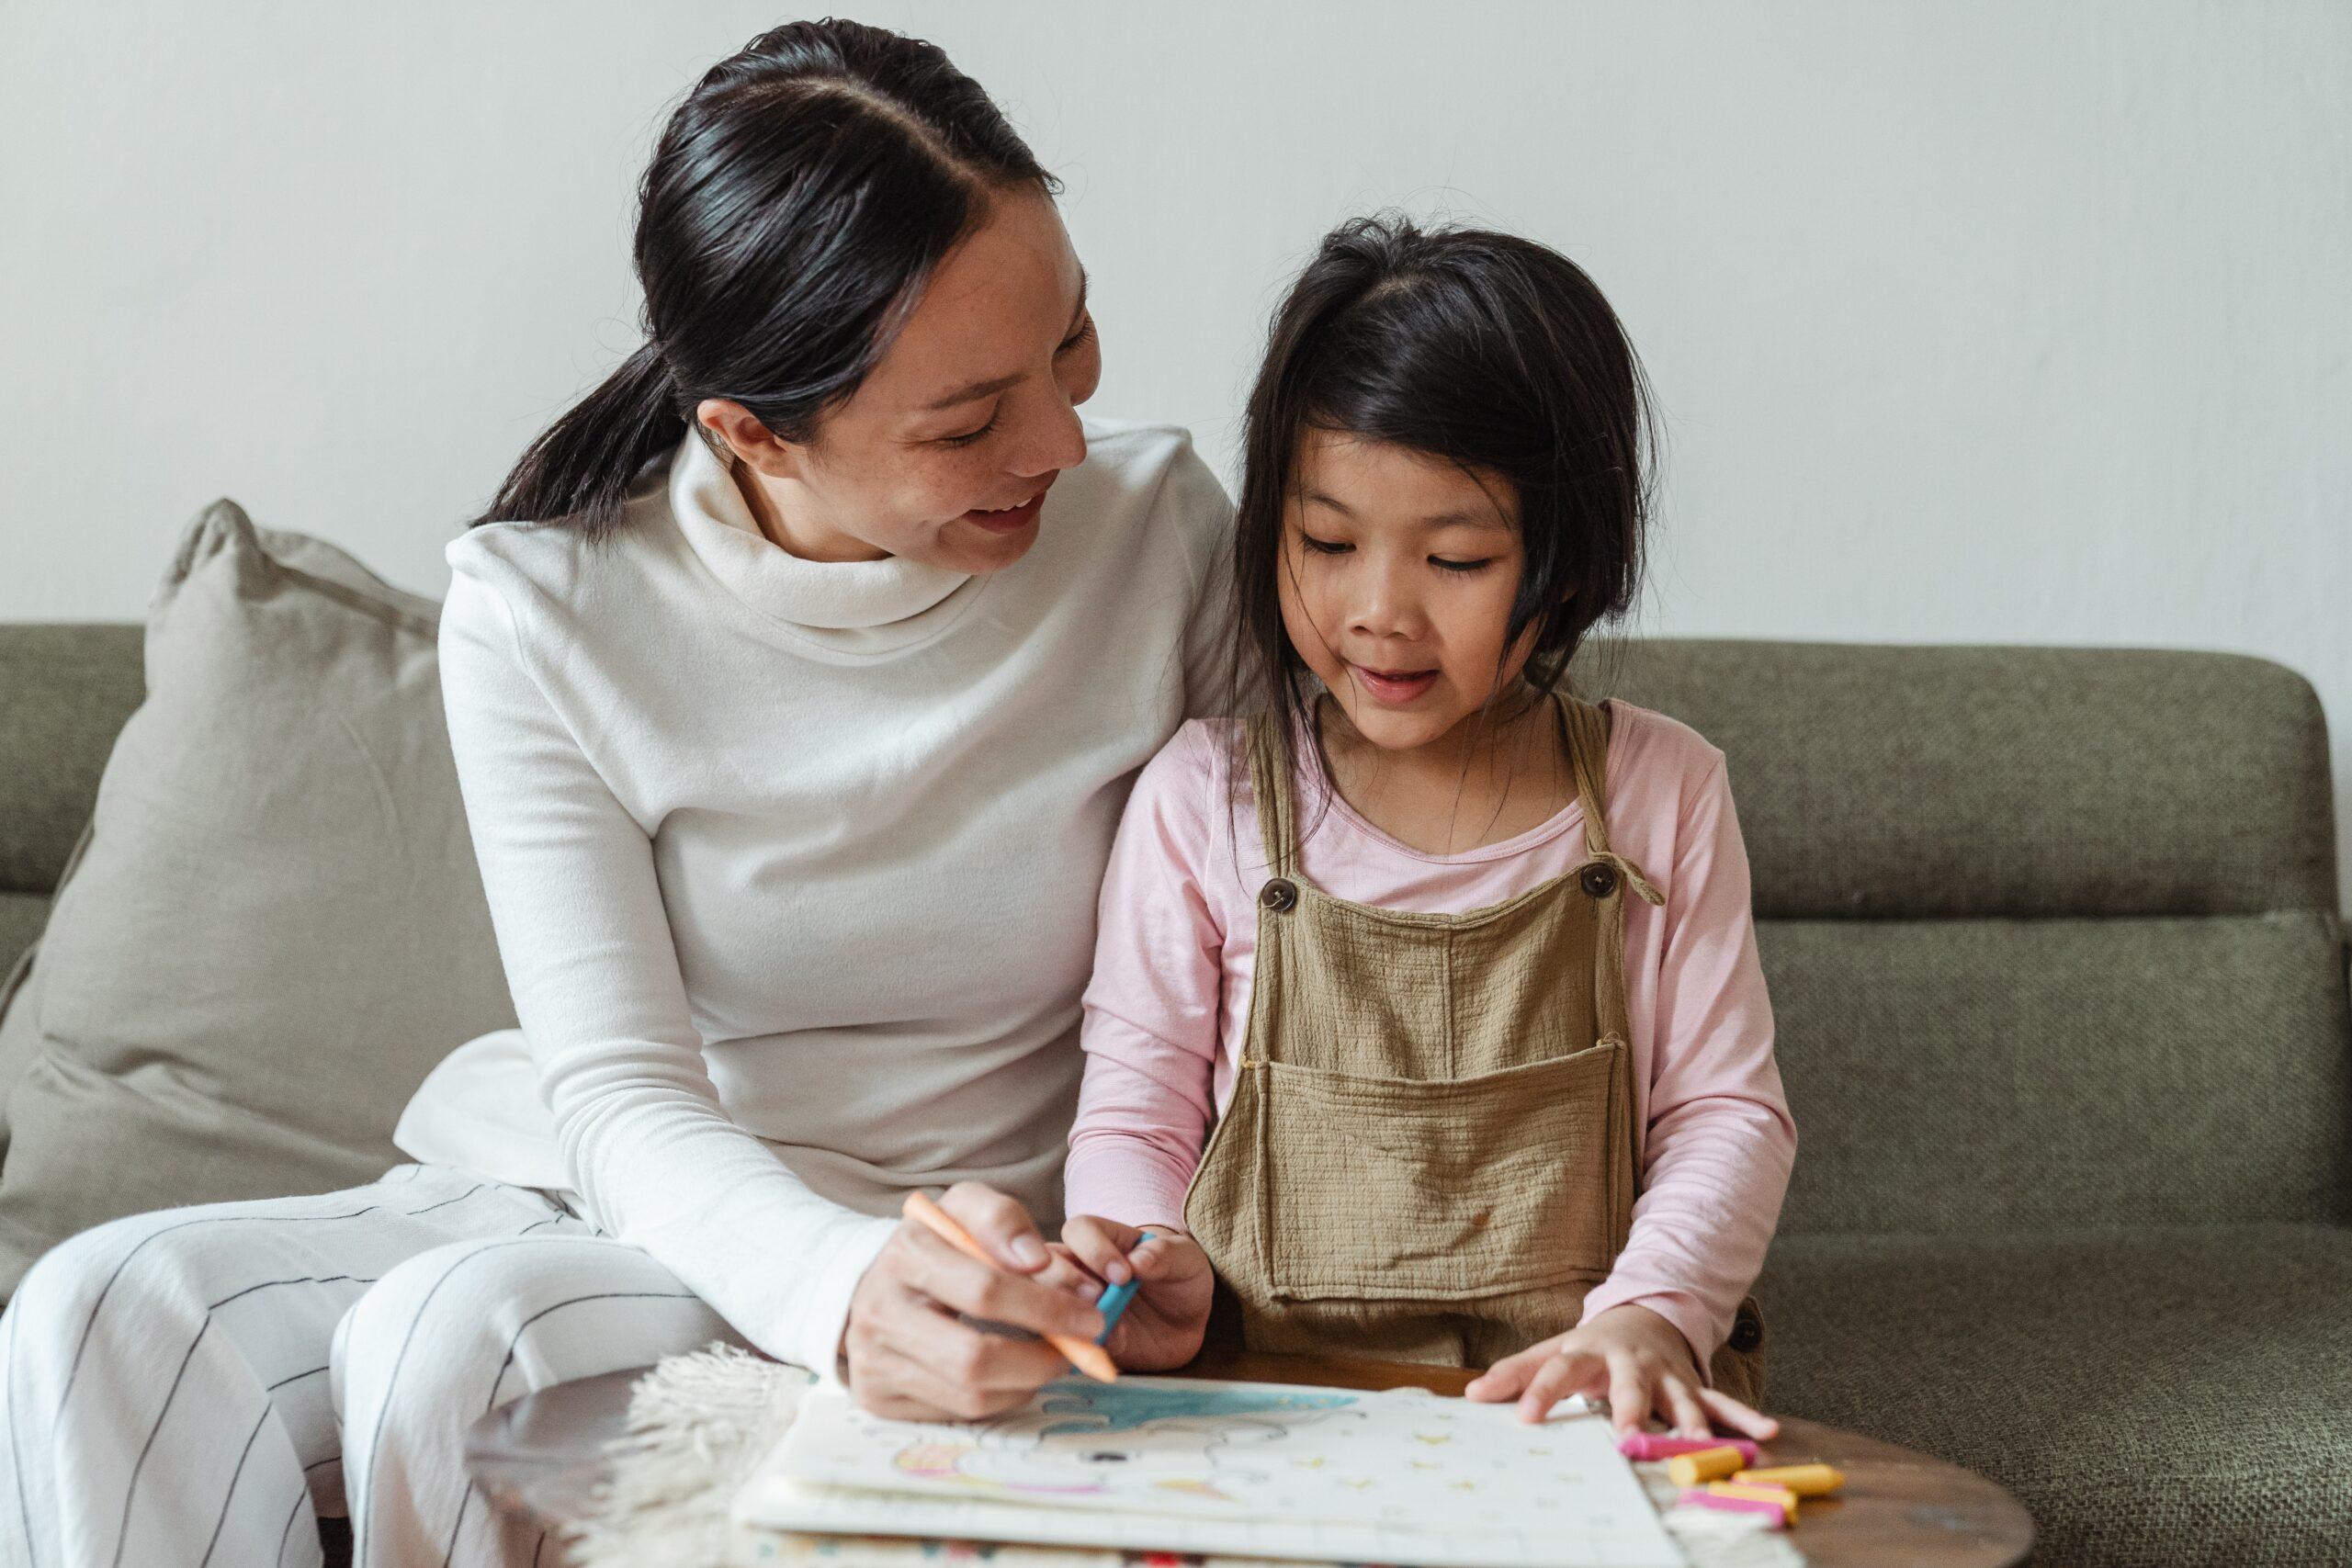 pediatric speech pathologist